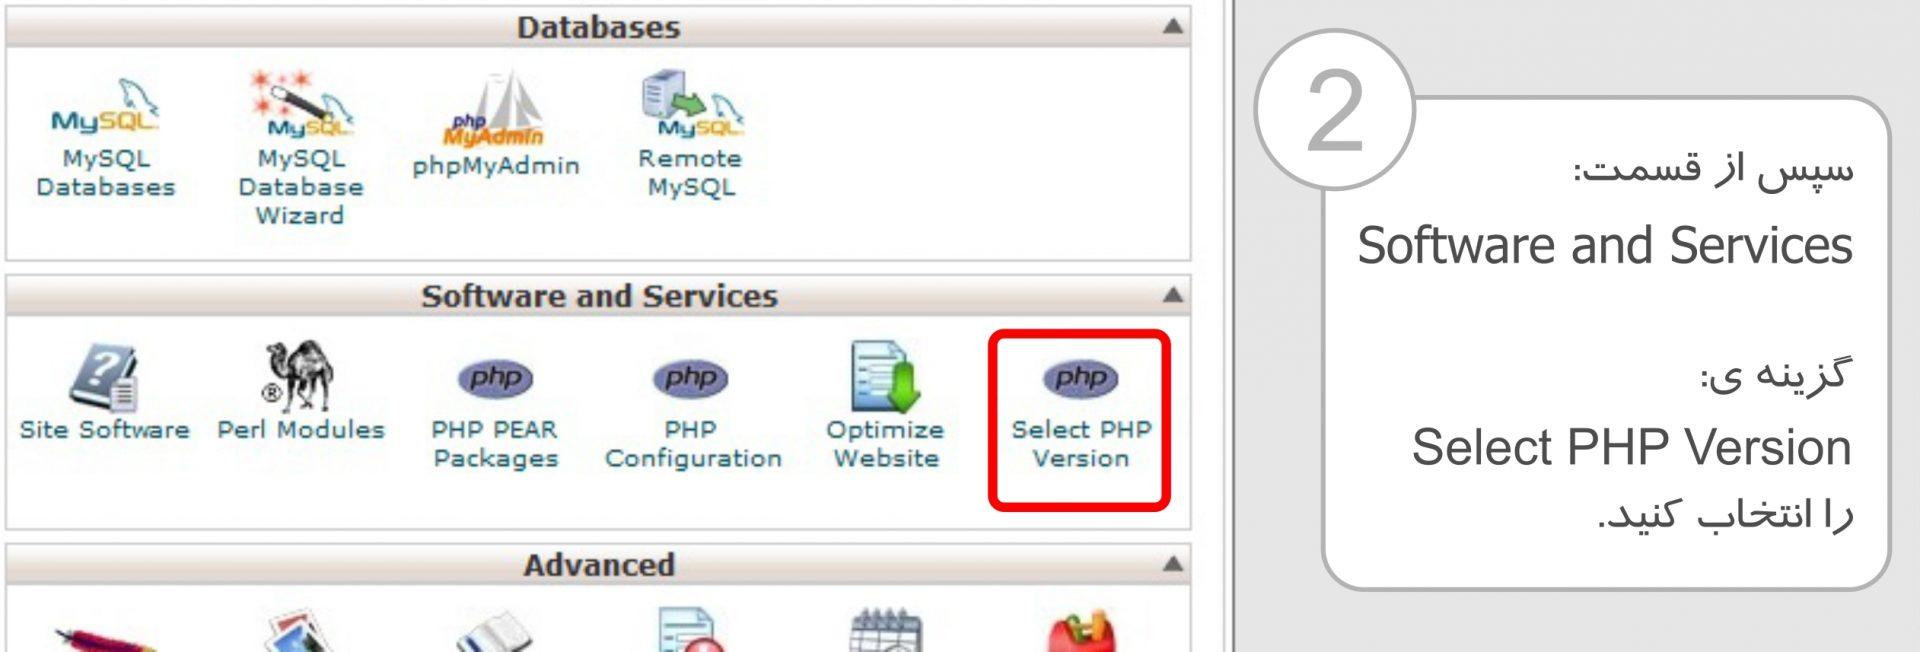 002 - حل مشکل عدم نمایش پنل تنظیمات با تغییر نسخه php در سی پنل